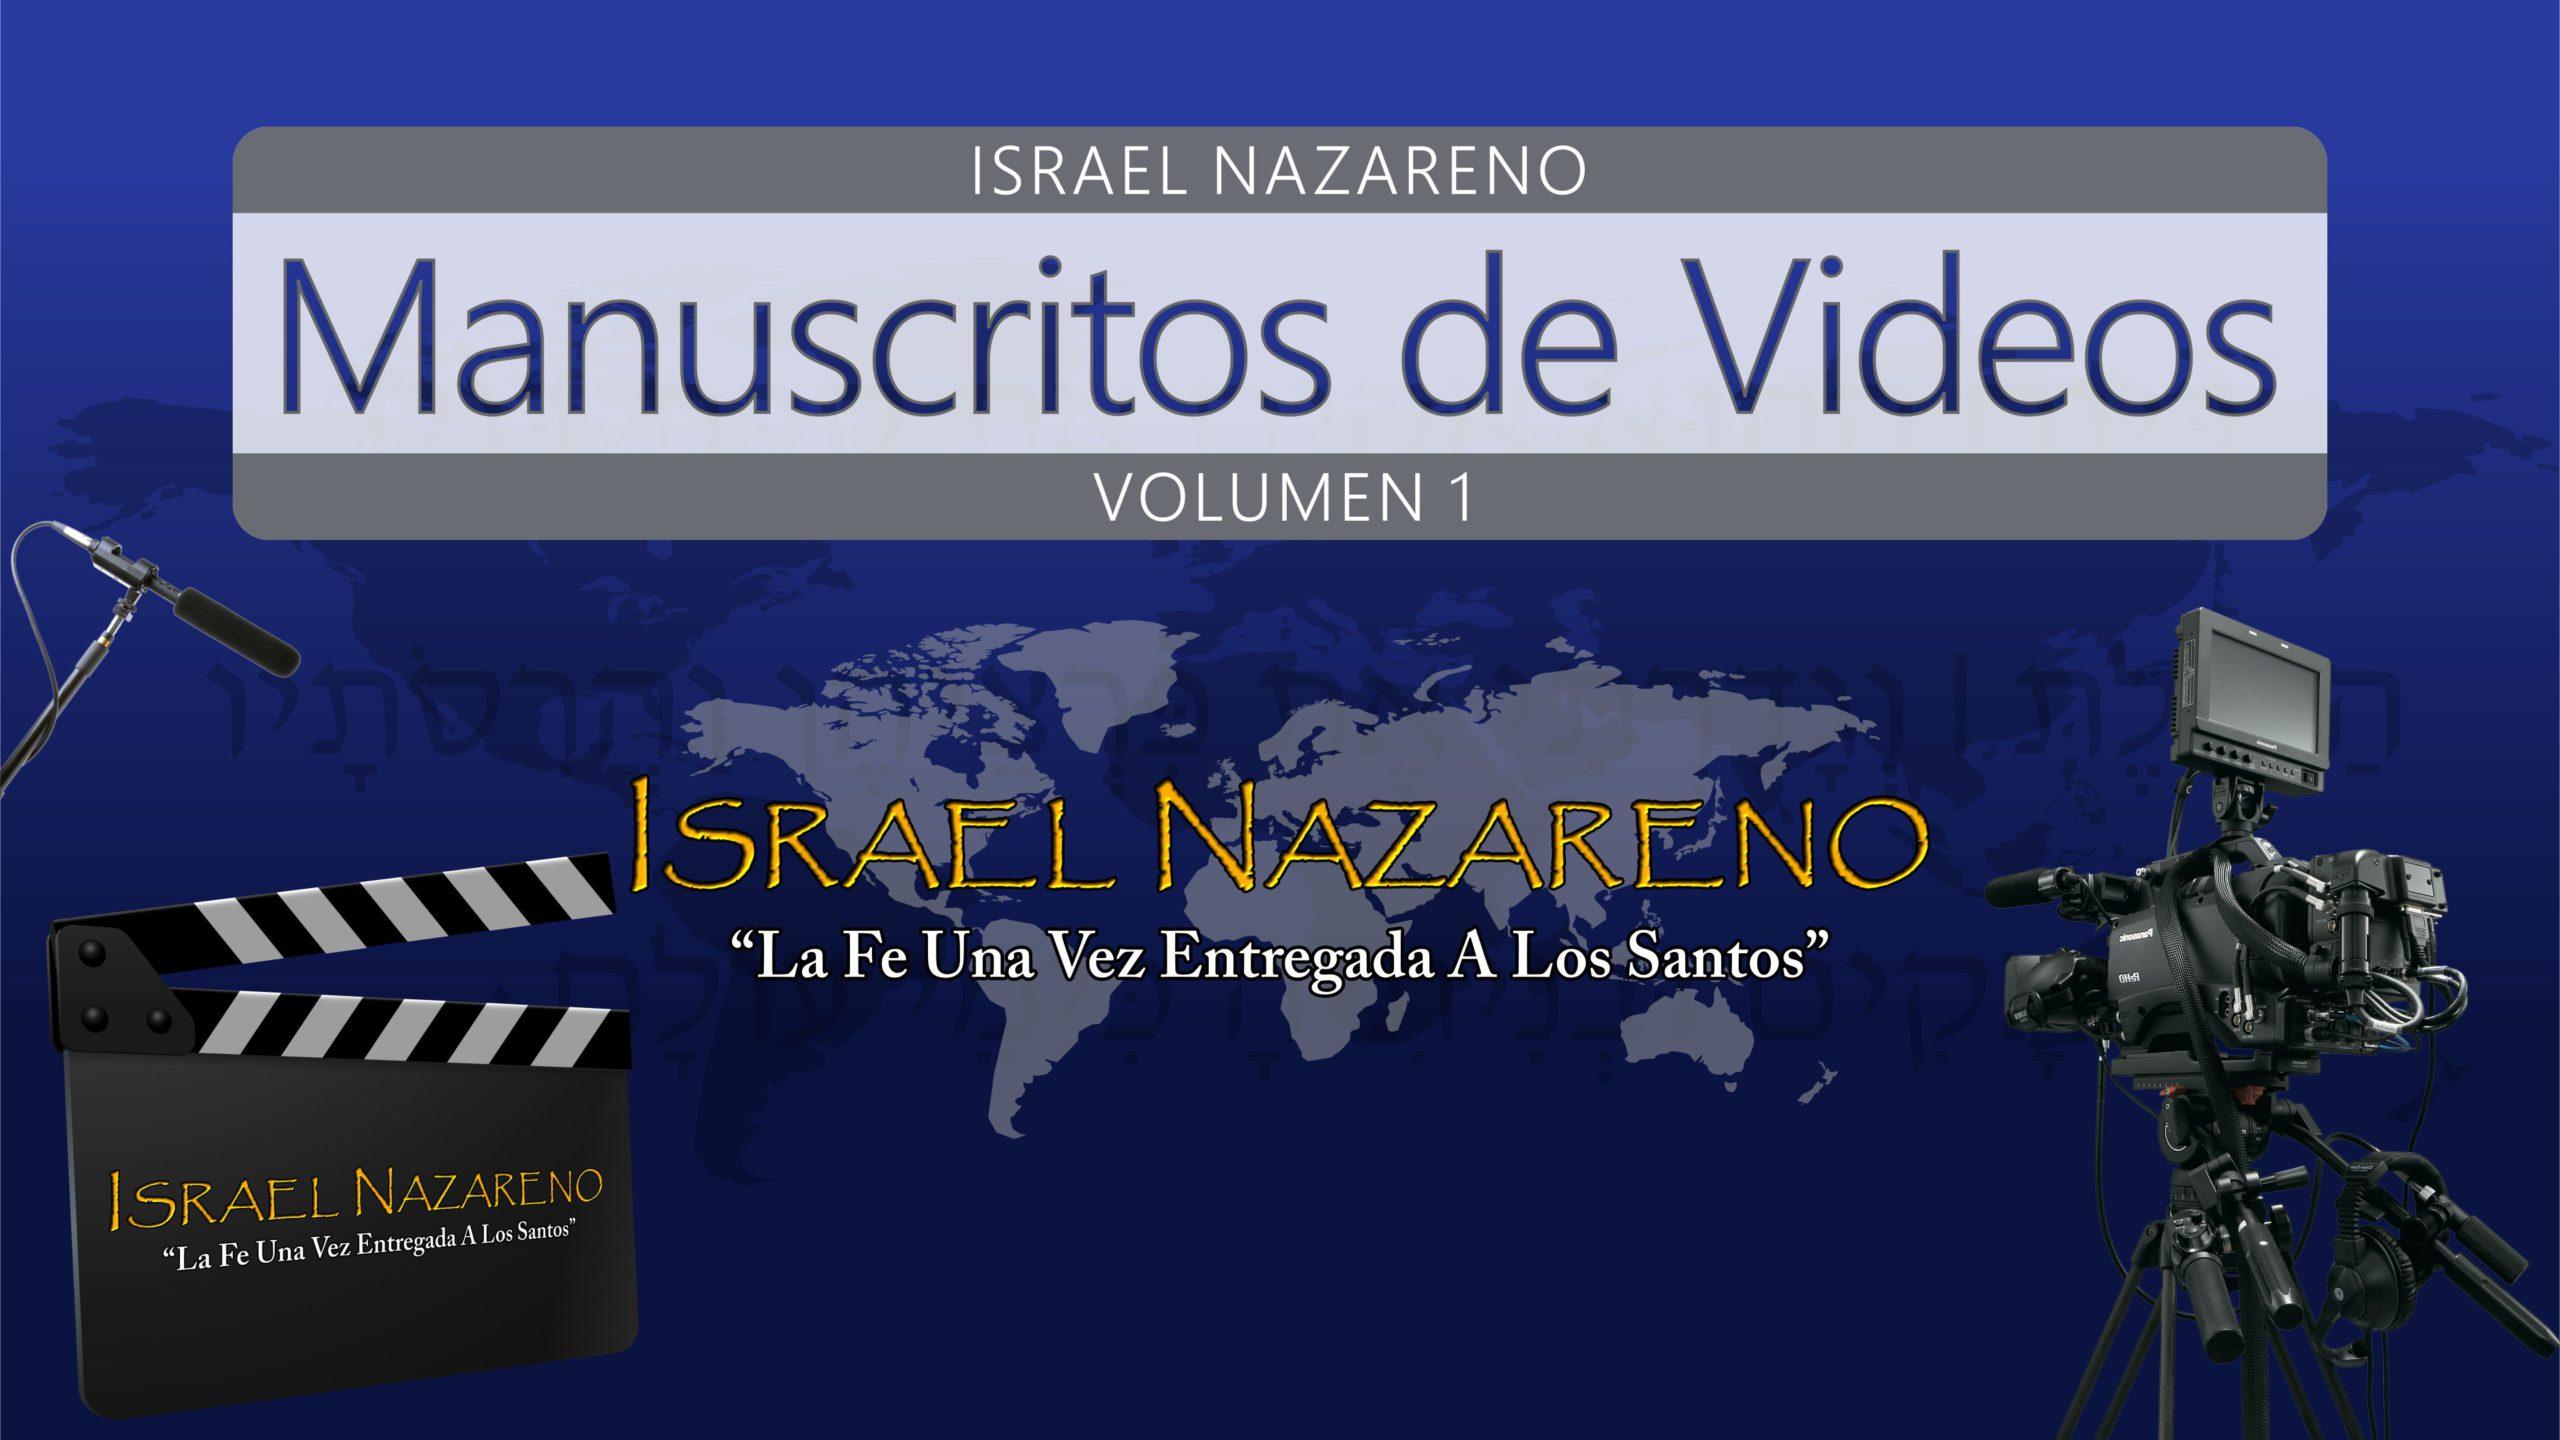 Manuscritos de Videos de Israel Nazareno Vol. 1